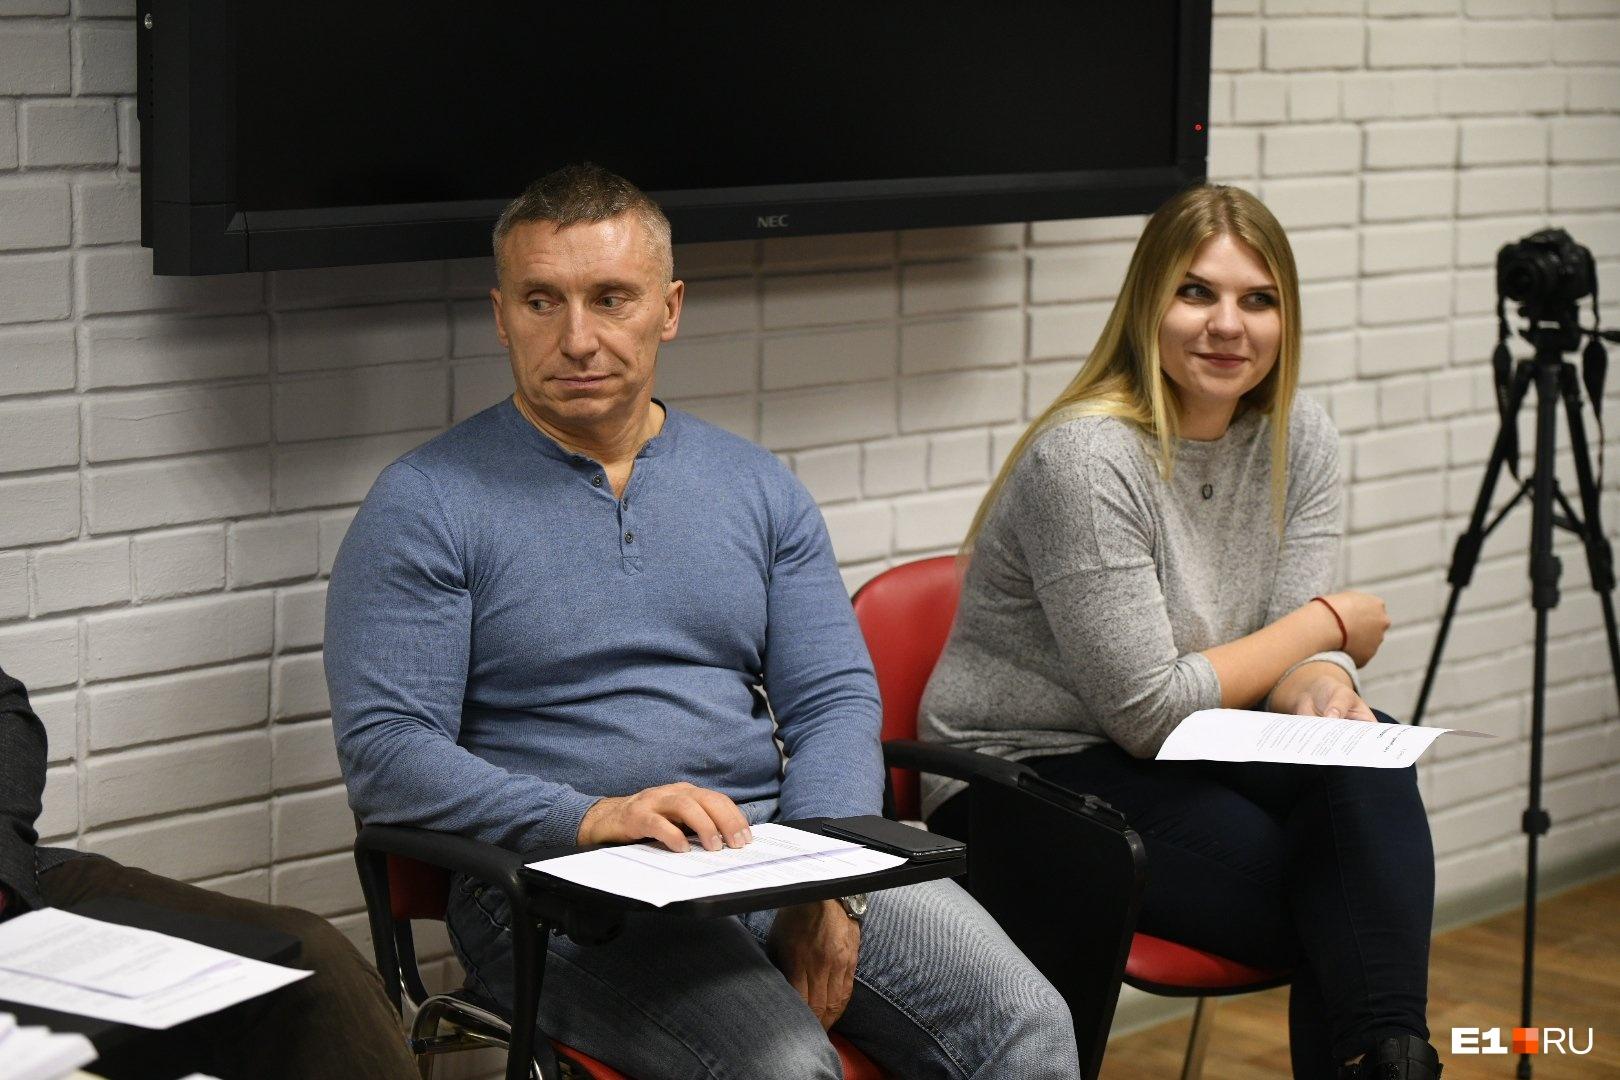 Экс-депутат Дмитрий Головин и Екатерина Петрова